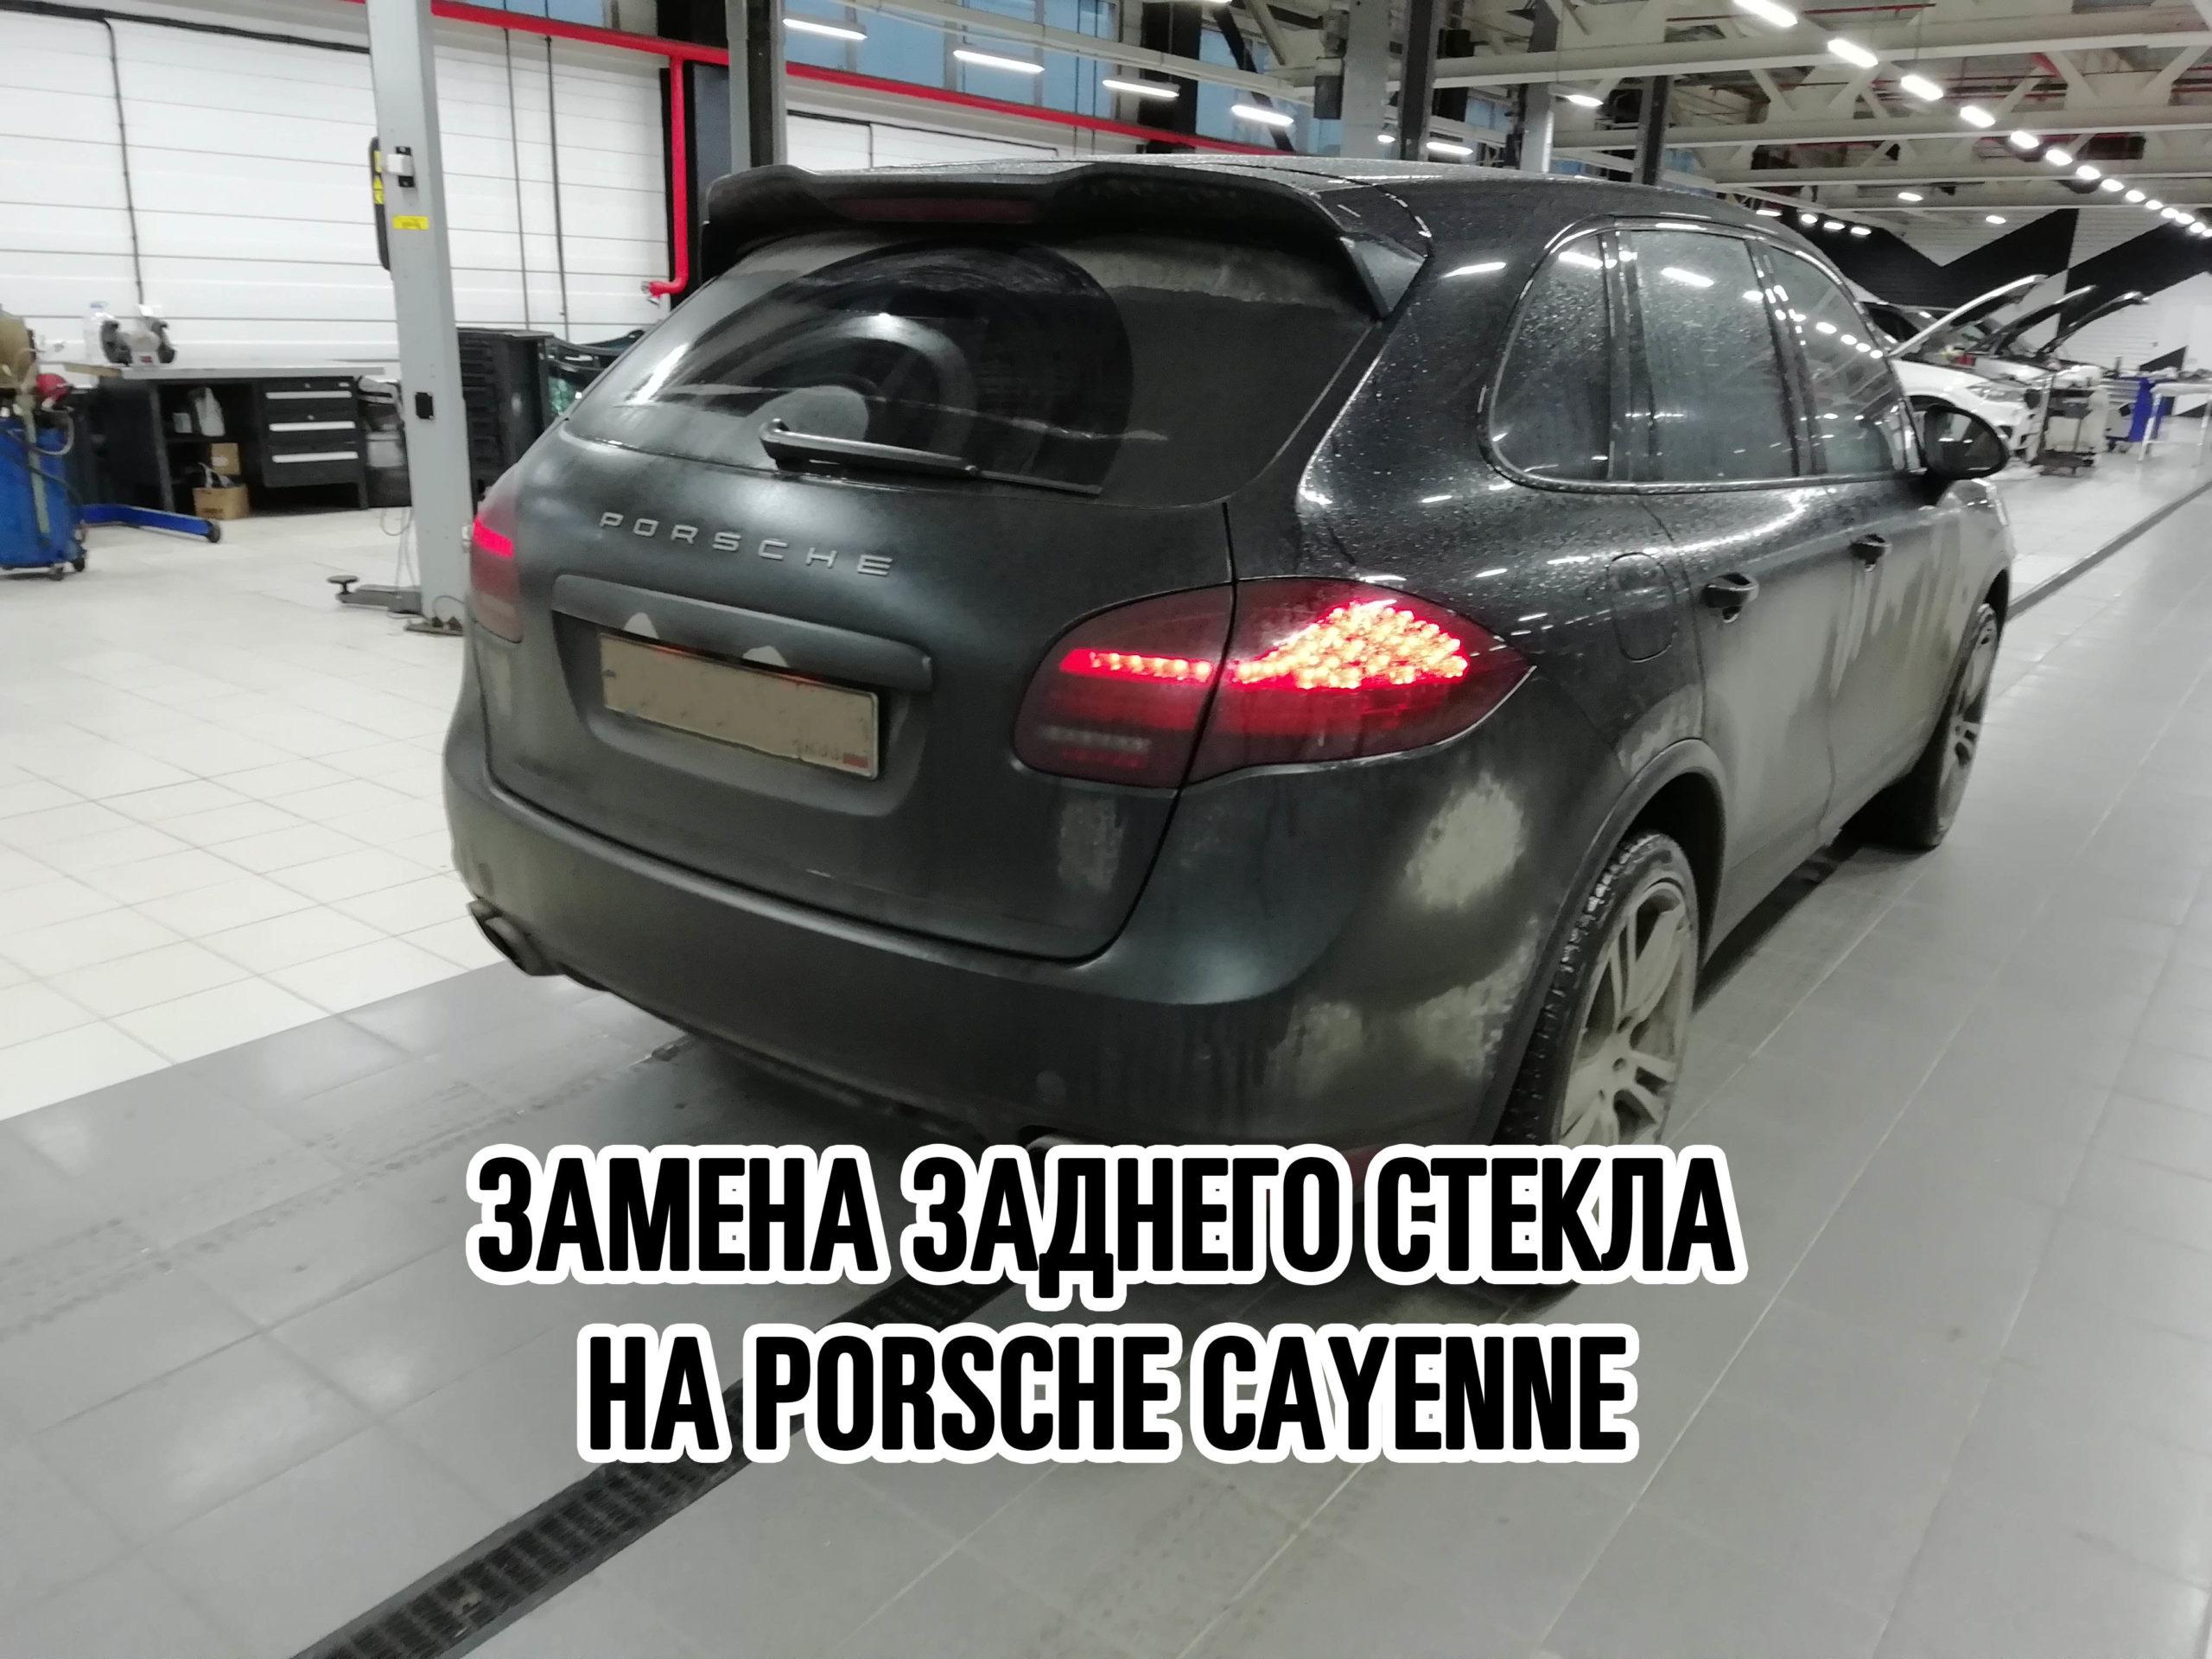 Заднее стекло на Porsche Cayenne купить и установить в Москве